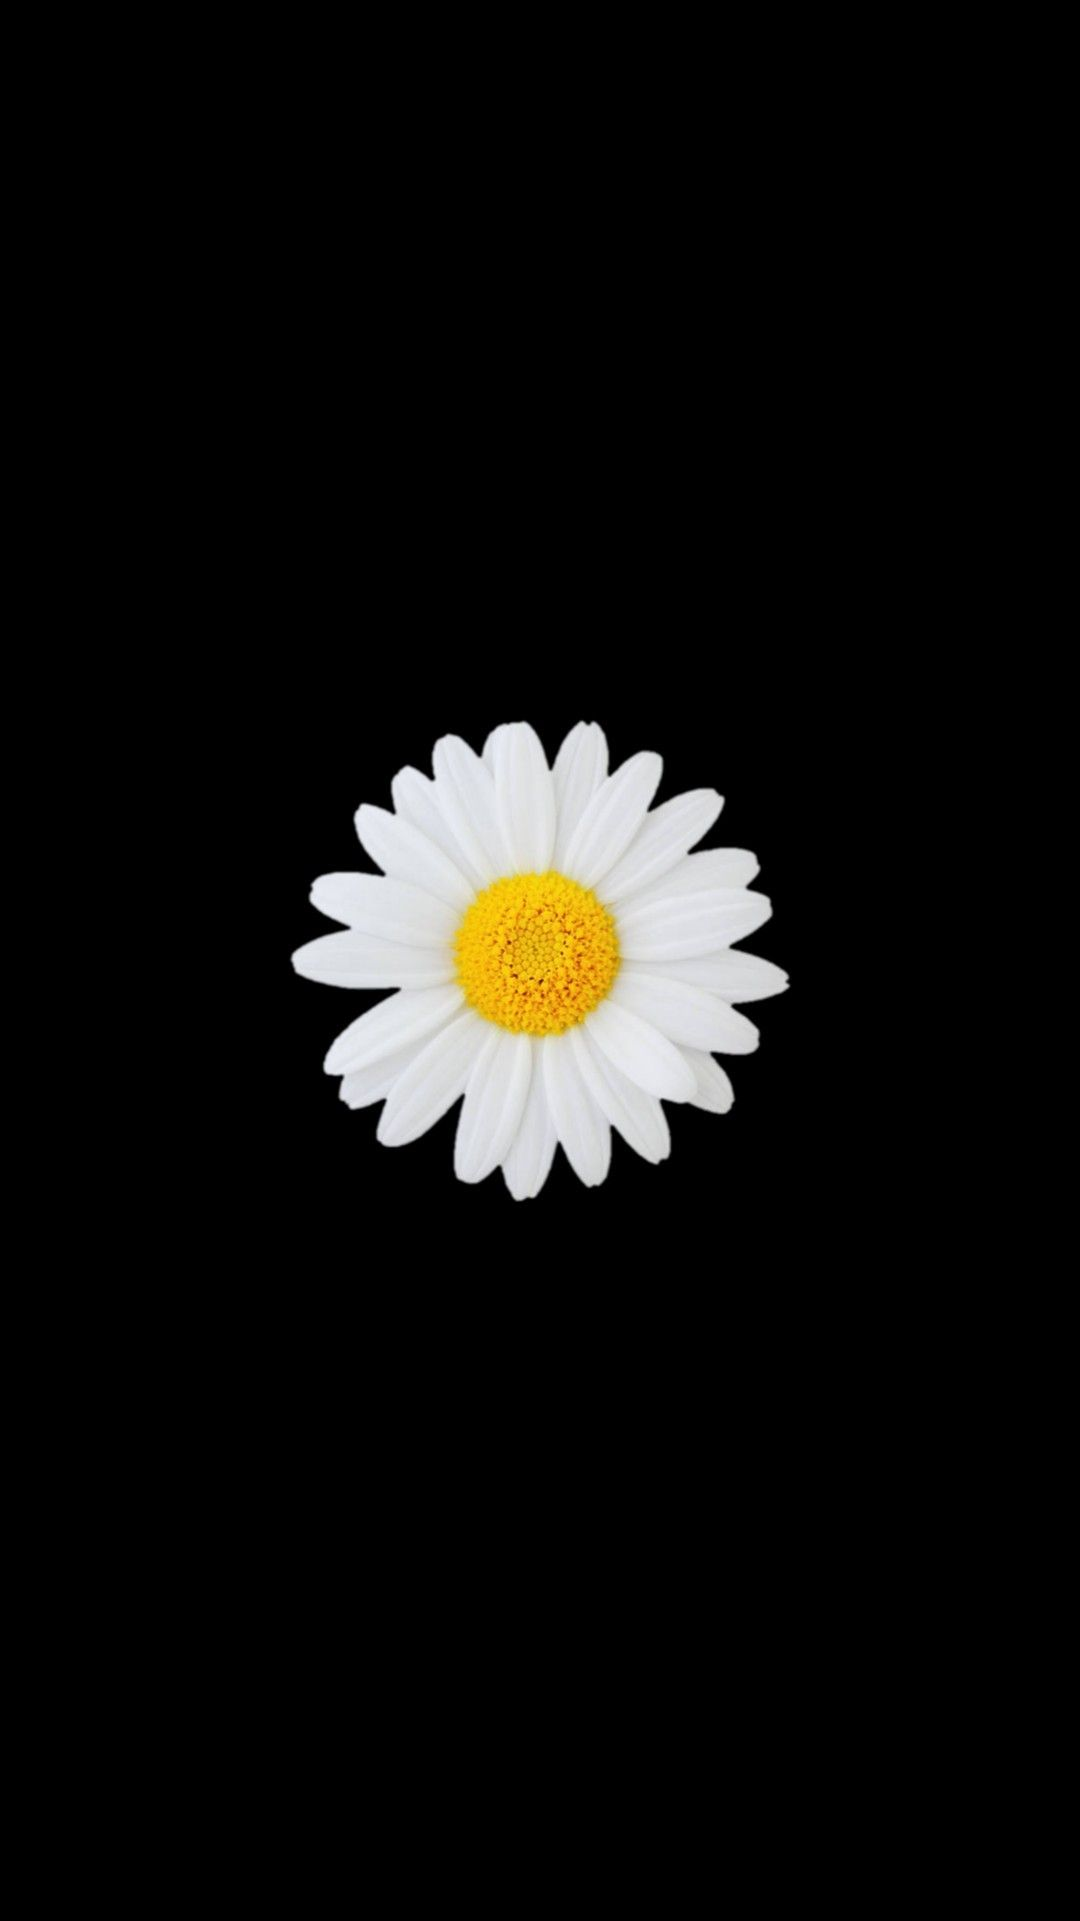 Daisy Wallpaper Wallpaper Kupu Kupu Latar Belakang Bunga Daisy